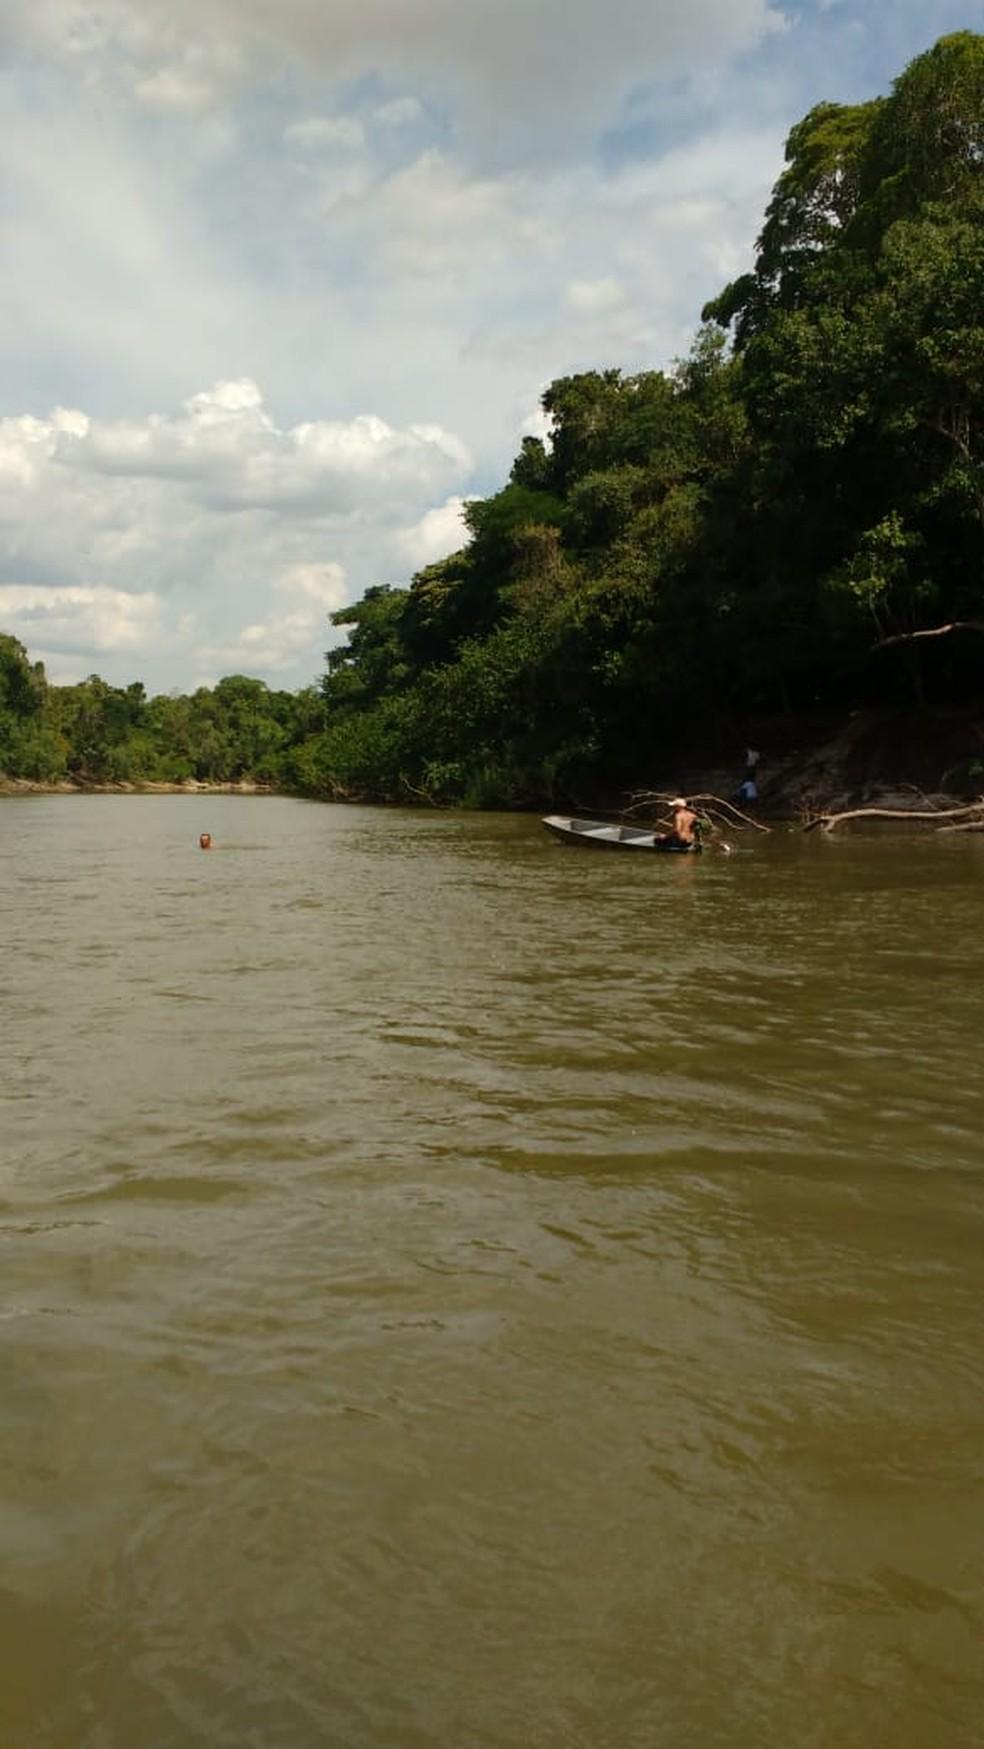 Pescador se ofereceu para encontrar as vítimas e usou o barco dele nas buscas (Foto: Polícia Militar de MT)